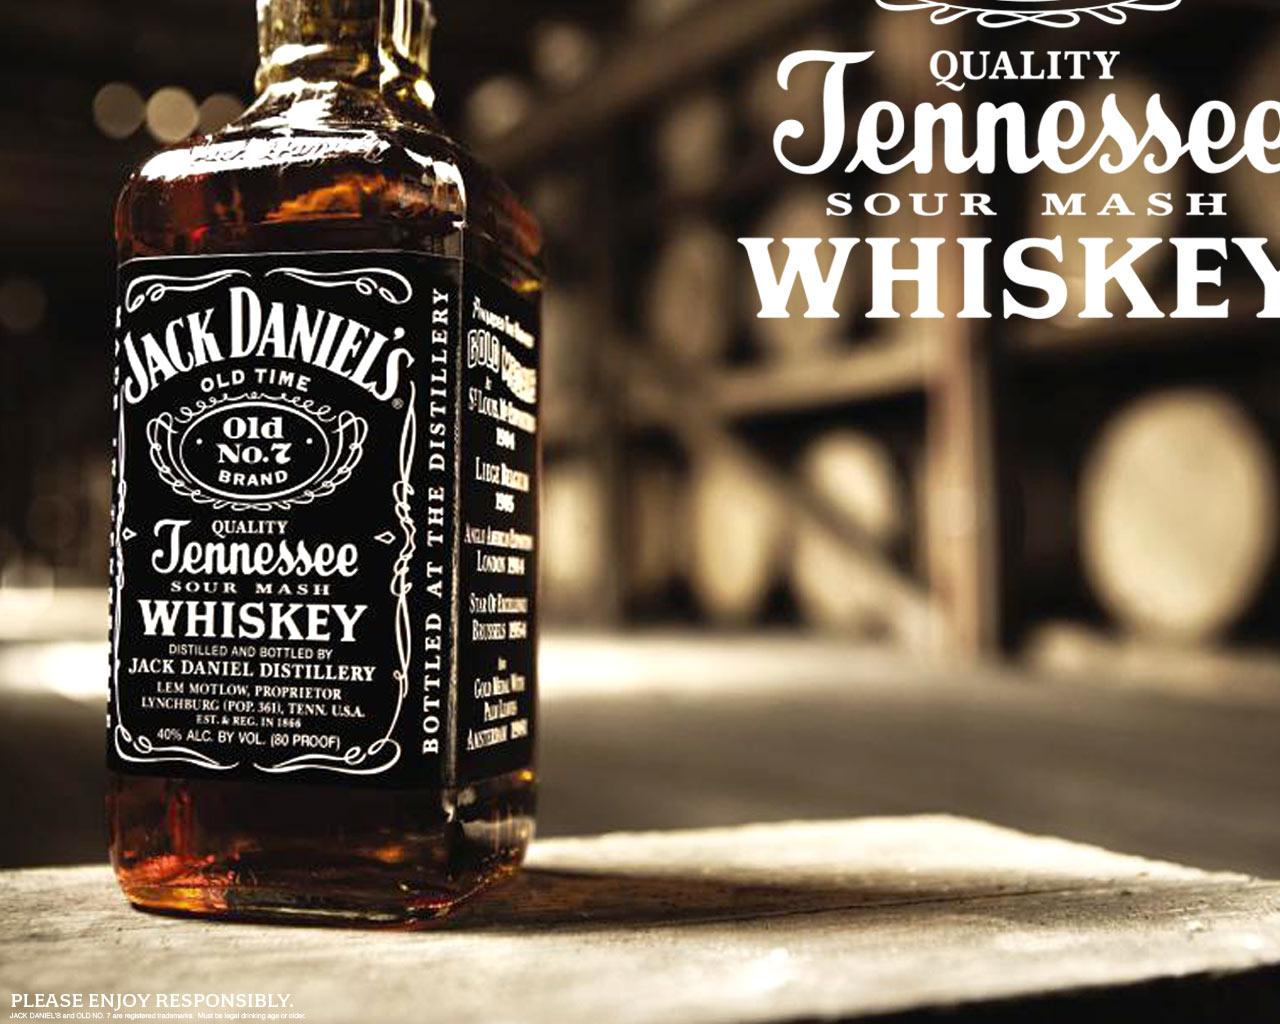 Jack Daniels Wallpapers 1280 x 1024 1280x1024